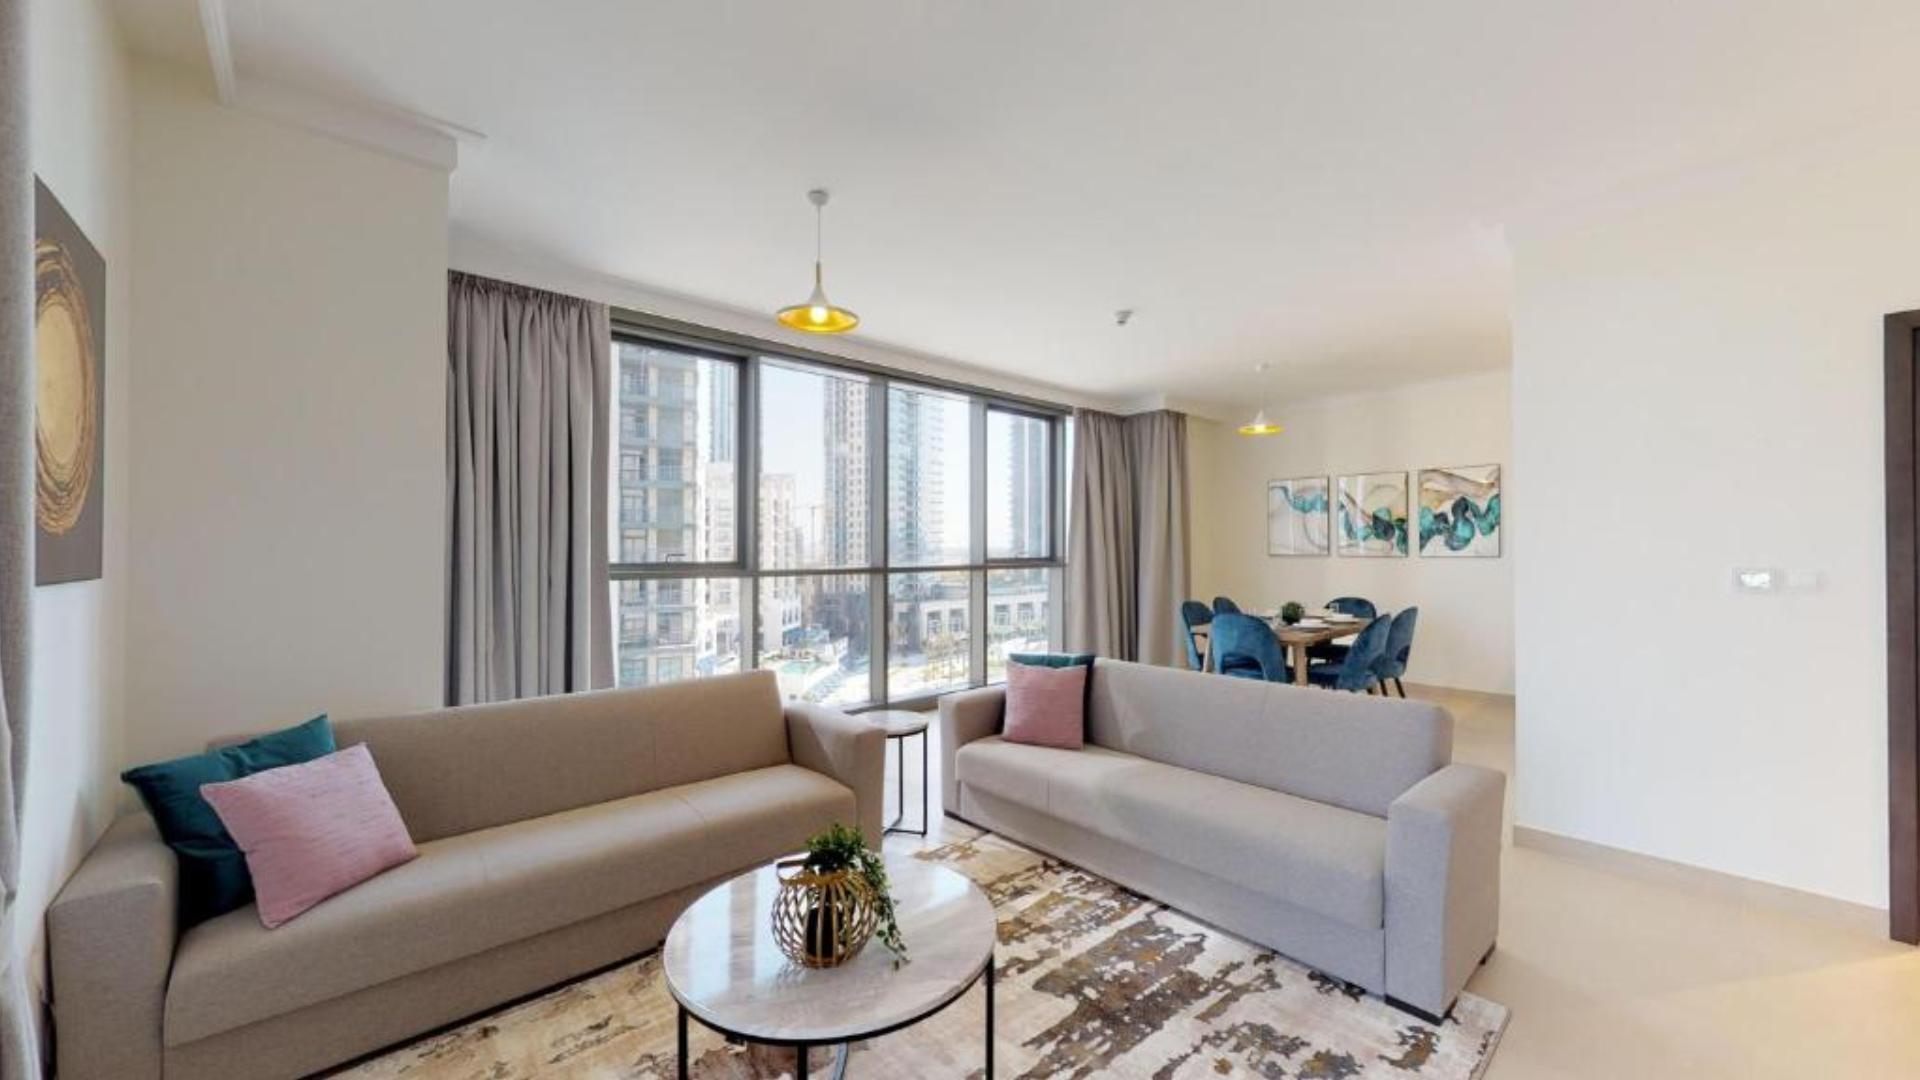 Duplex for sale in Dubai, UAE, 4 bedrooms, 210 m2, No. 24300 – photo 2